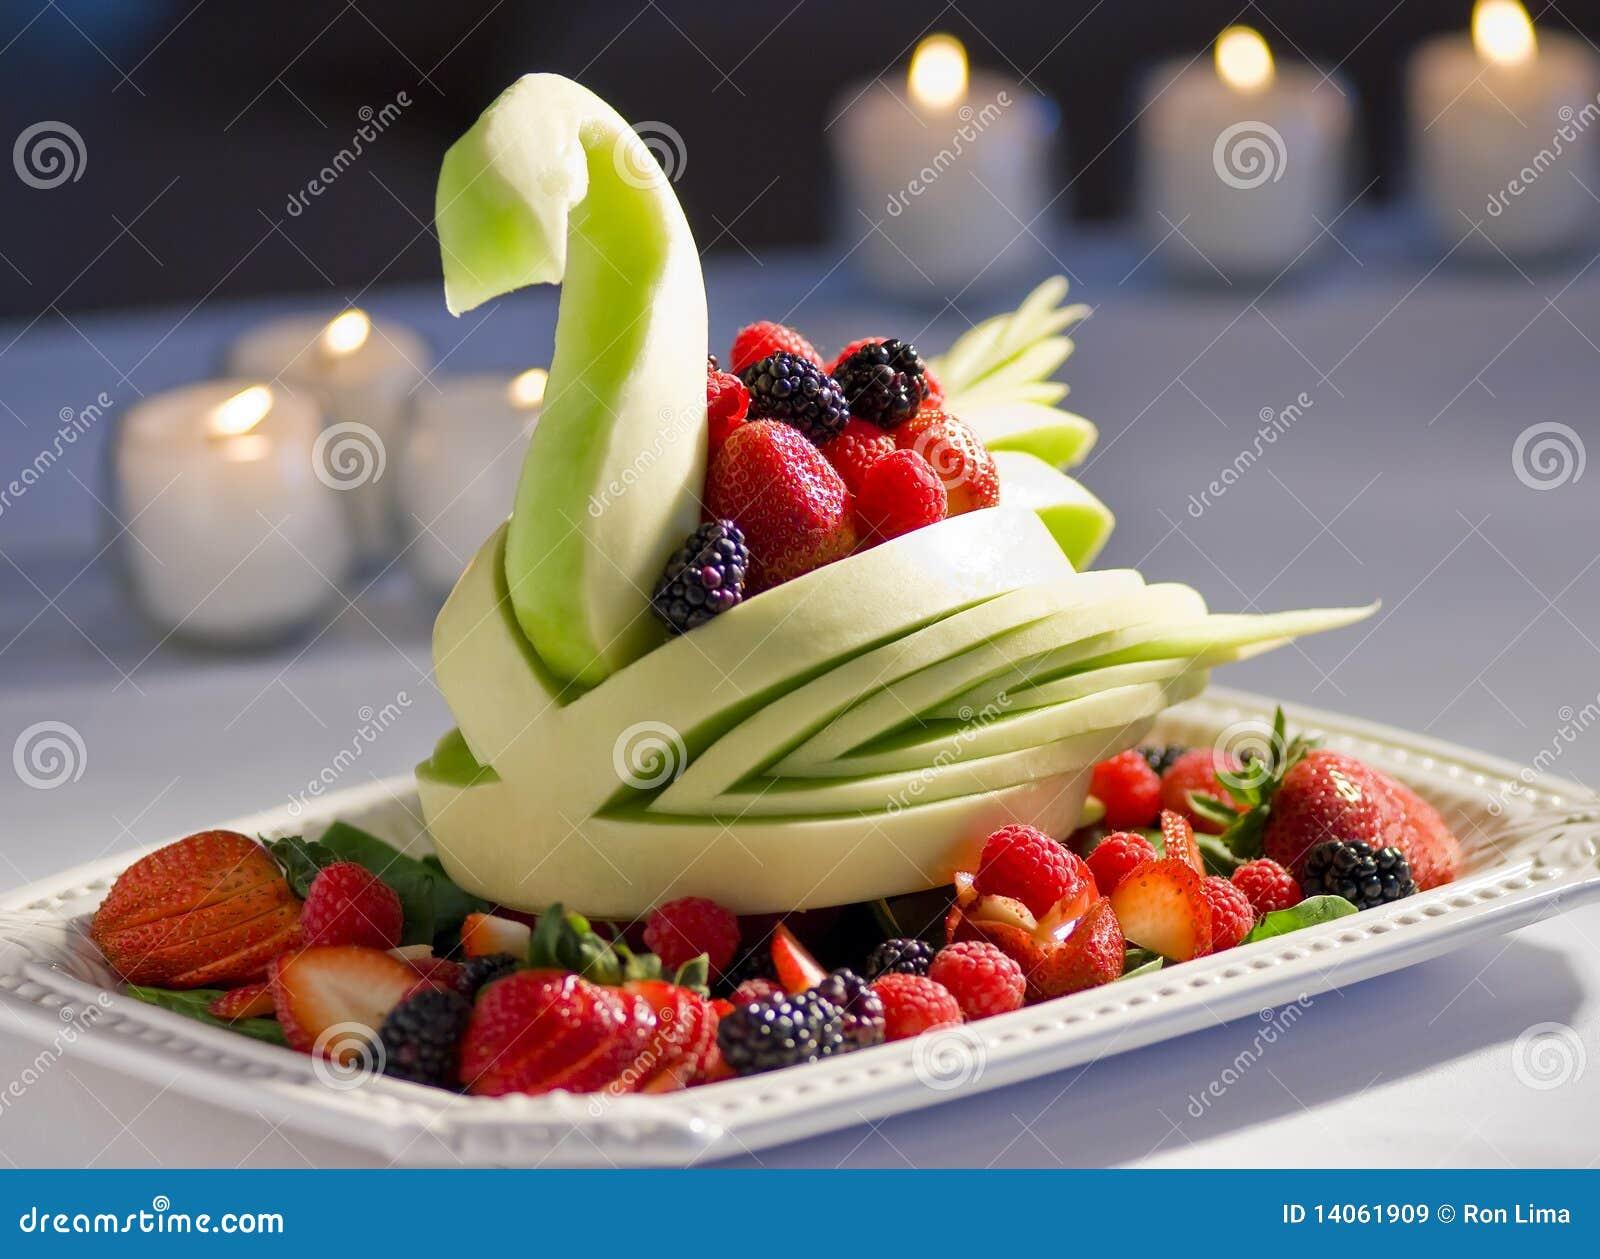 Affichage Décoratif De Fruit Image stock - Image du rouge, framboise on